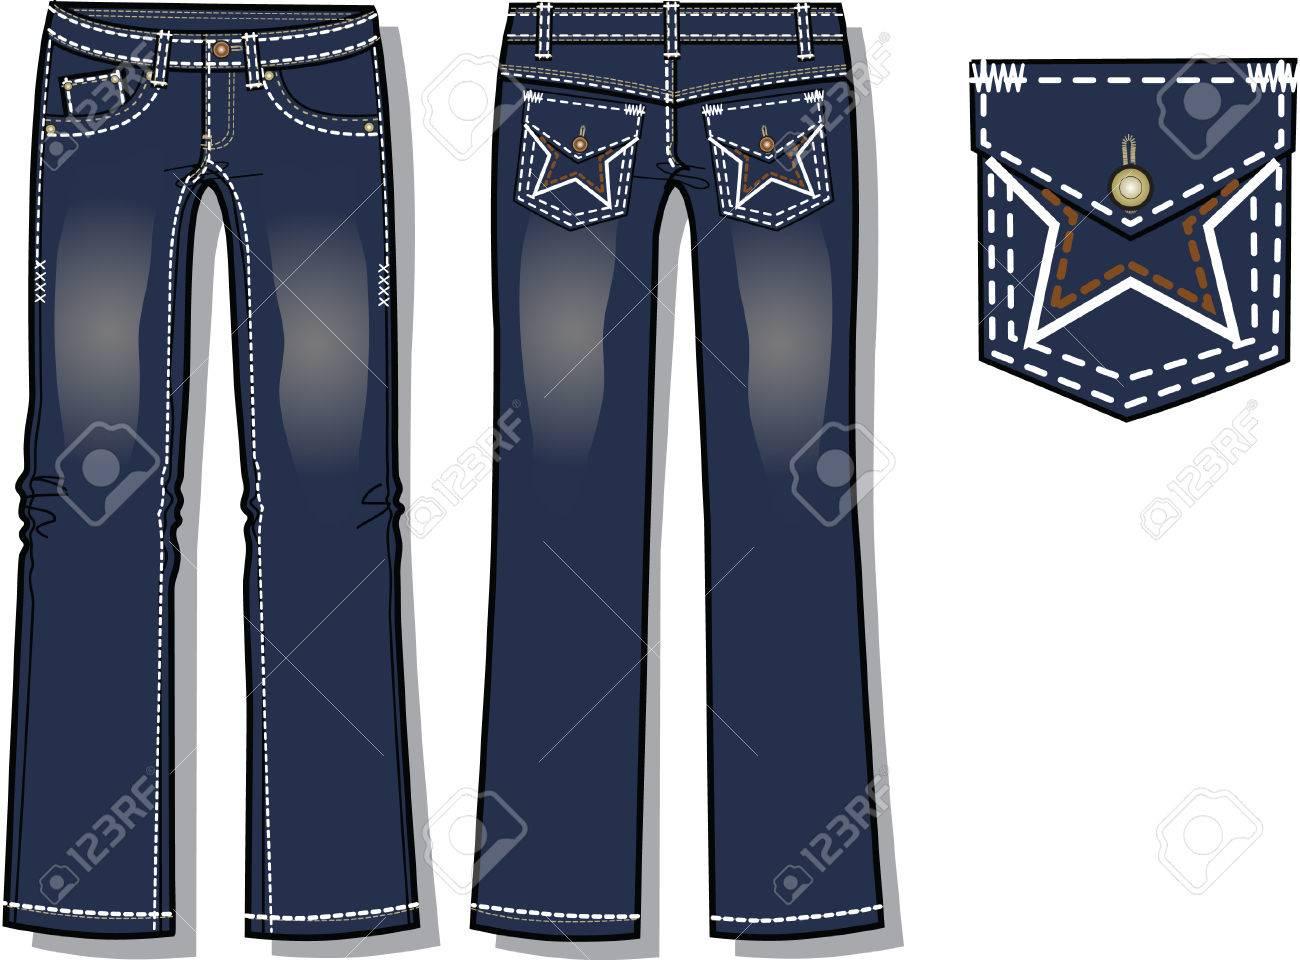 5da306aa1f4d5 Dama de la moda jeans de mezclilla con detalles de diseño de bolsillo Foto  de archivo